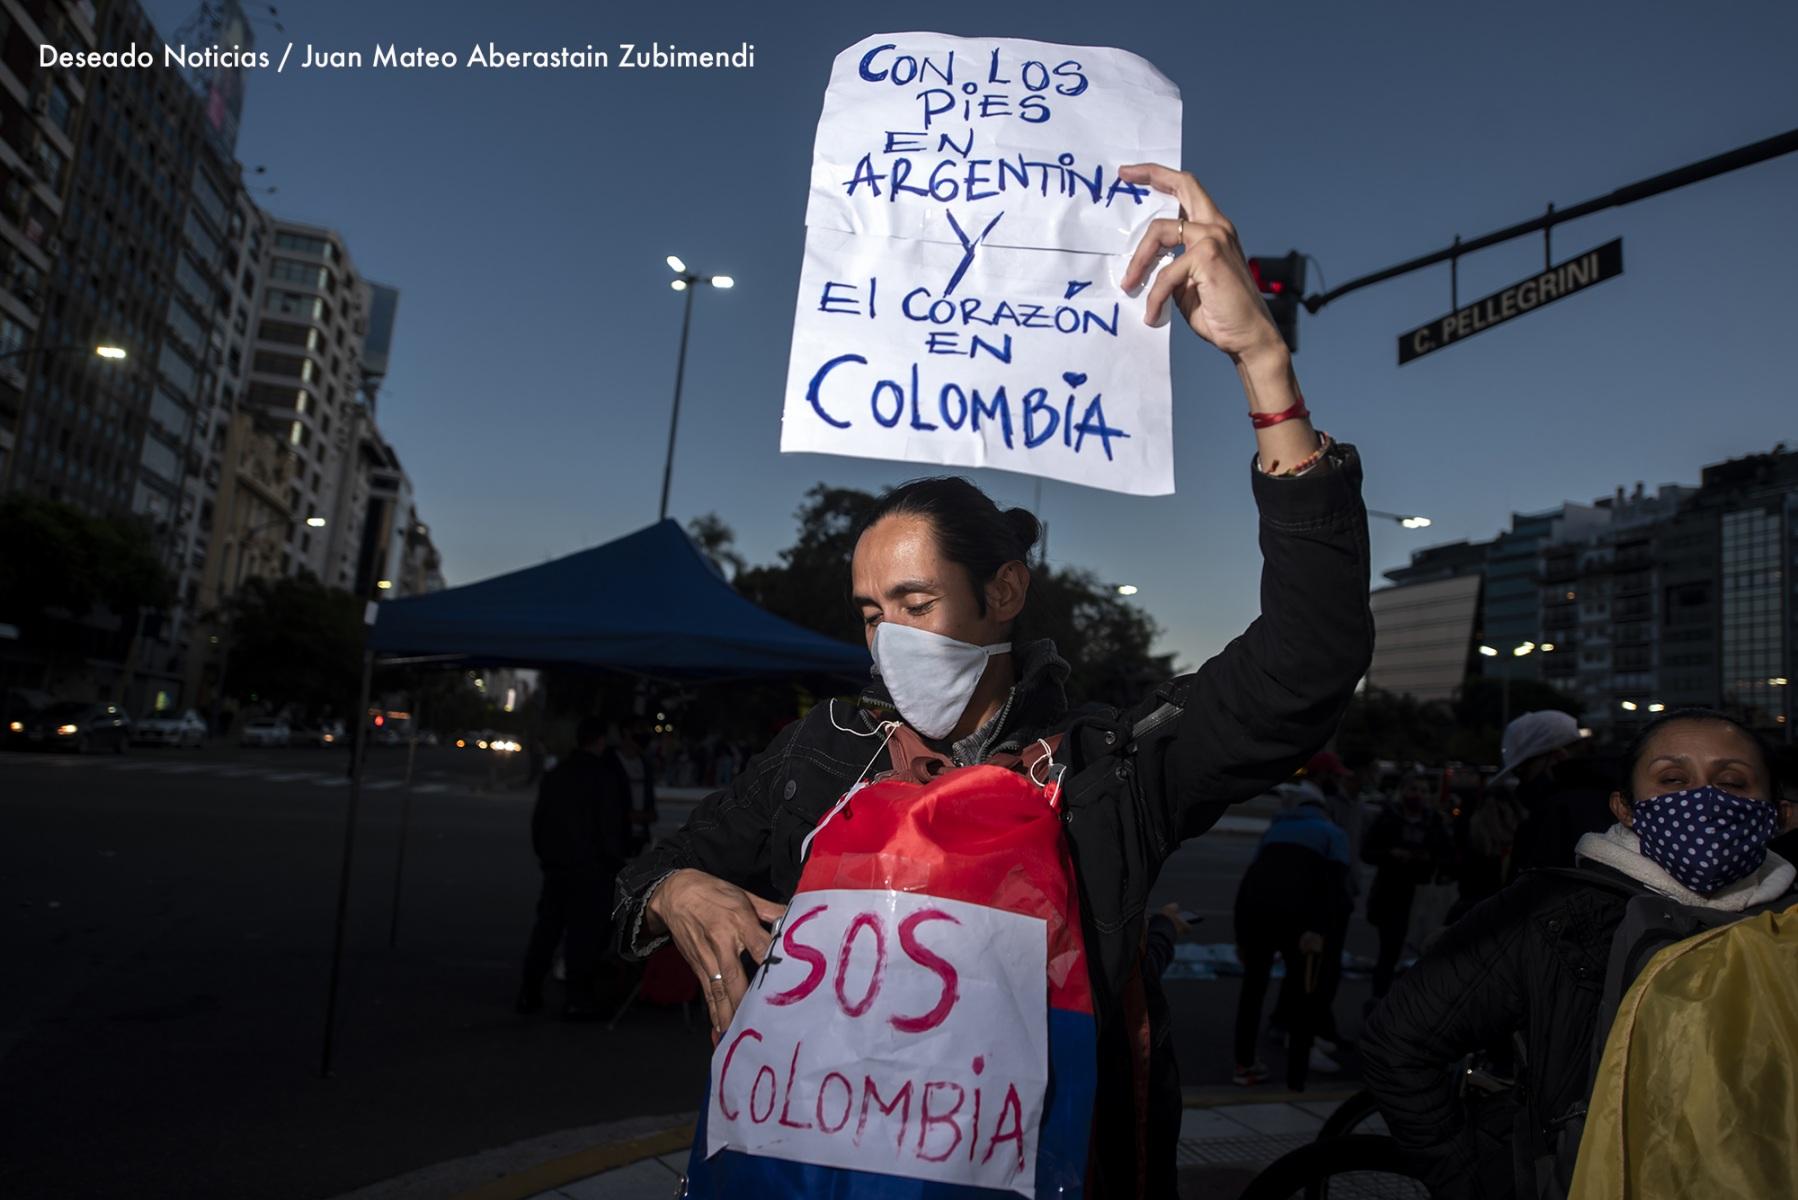 Manifestación-de-colombianos_Ph_JuanMateoAberastain_2